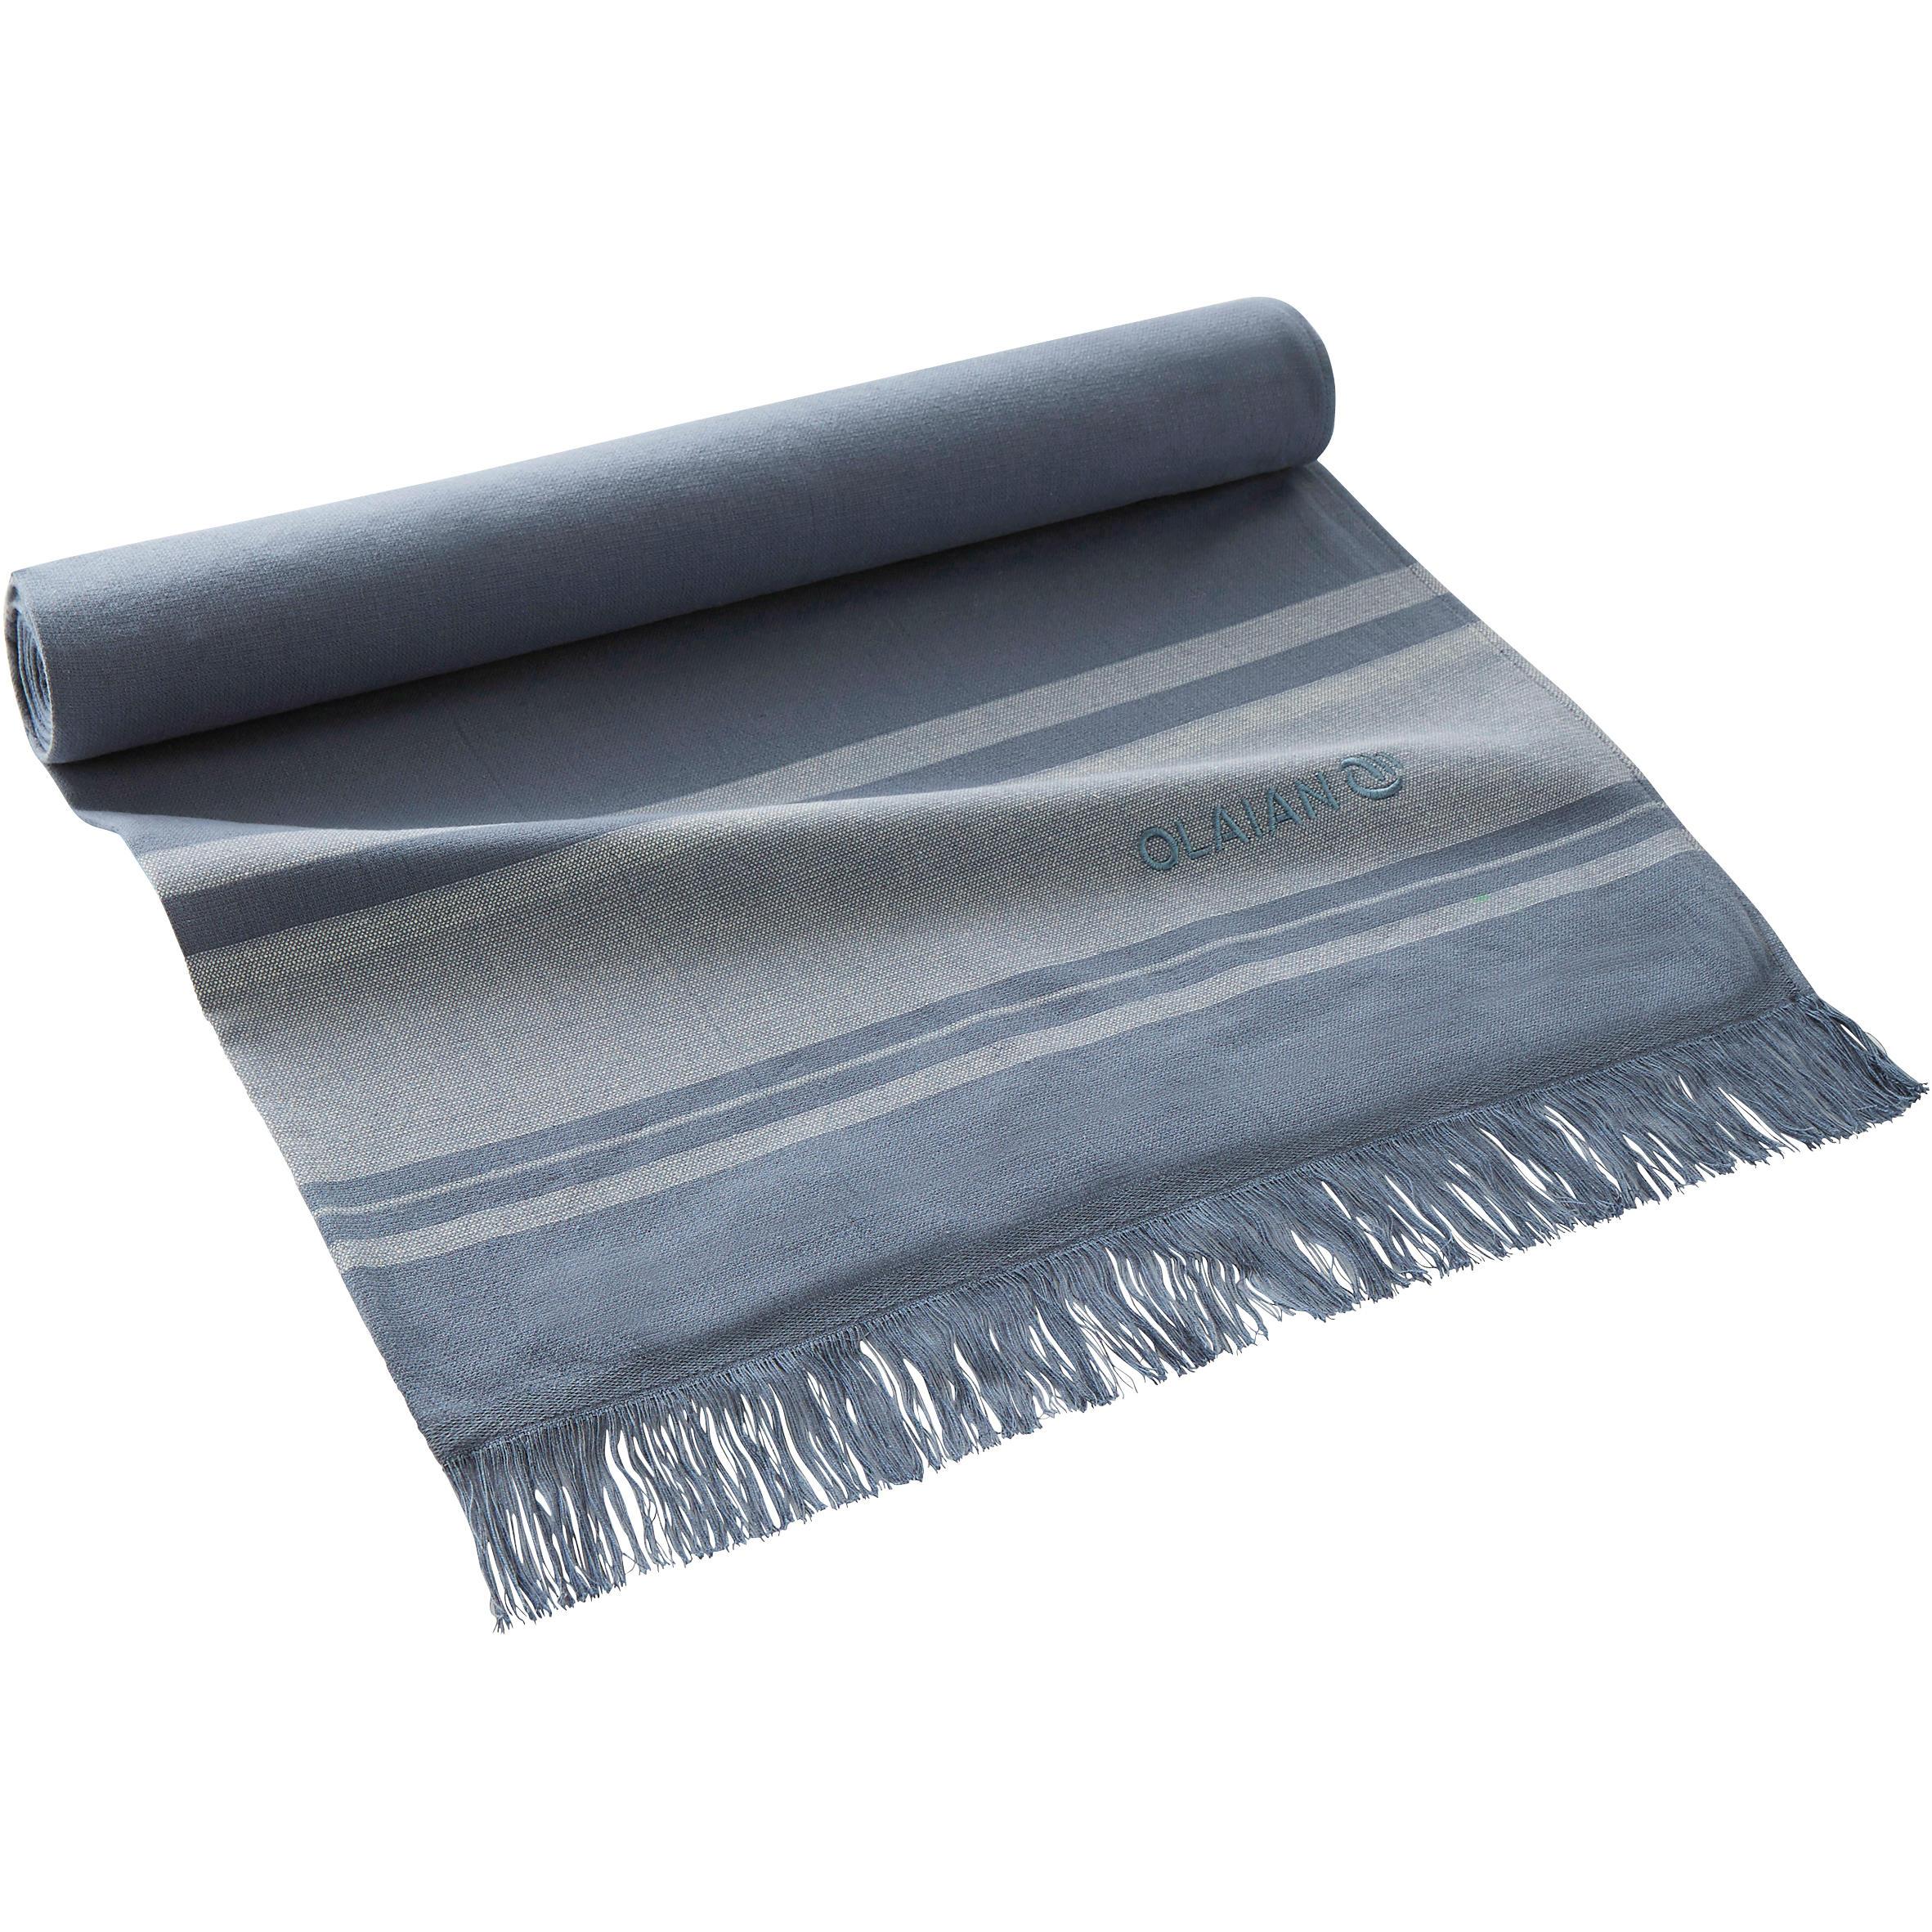 FOUTA DOUBLE TOWEL 170 x 150 cm - Powder